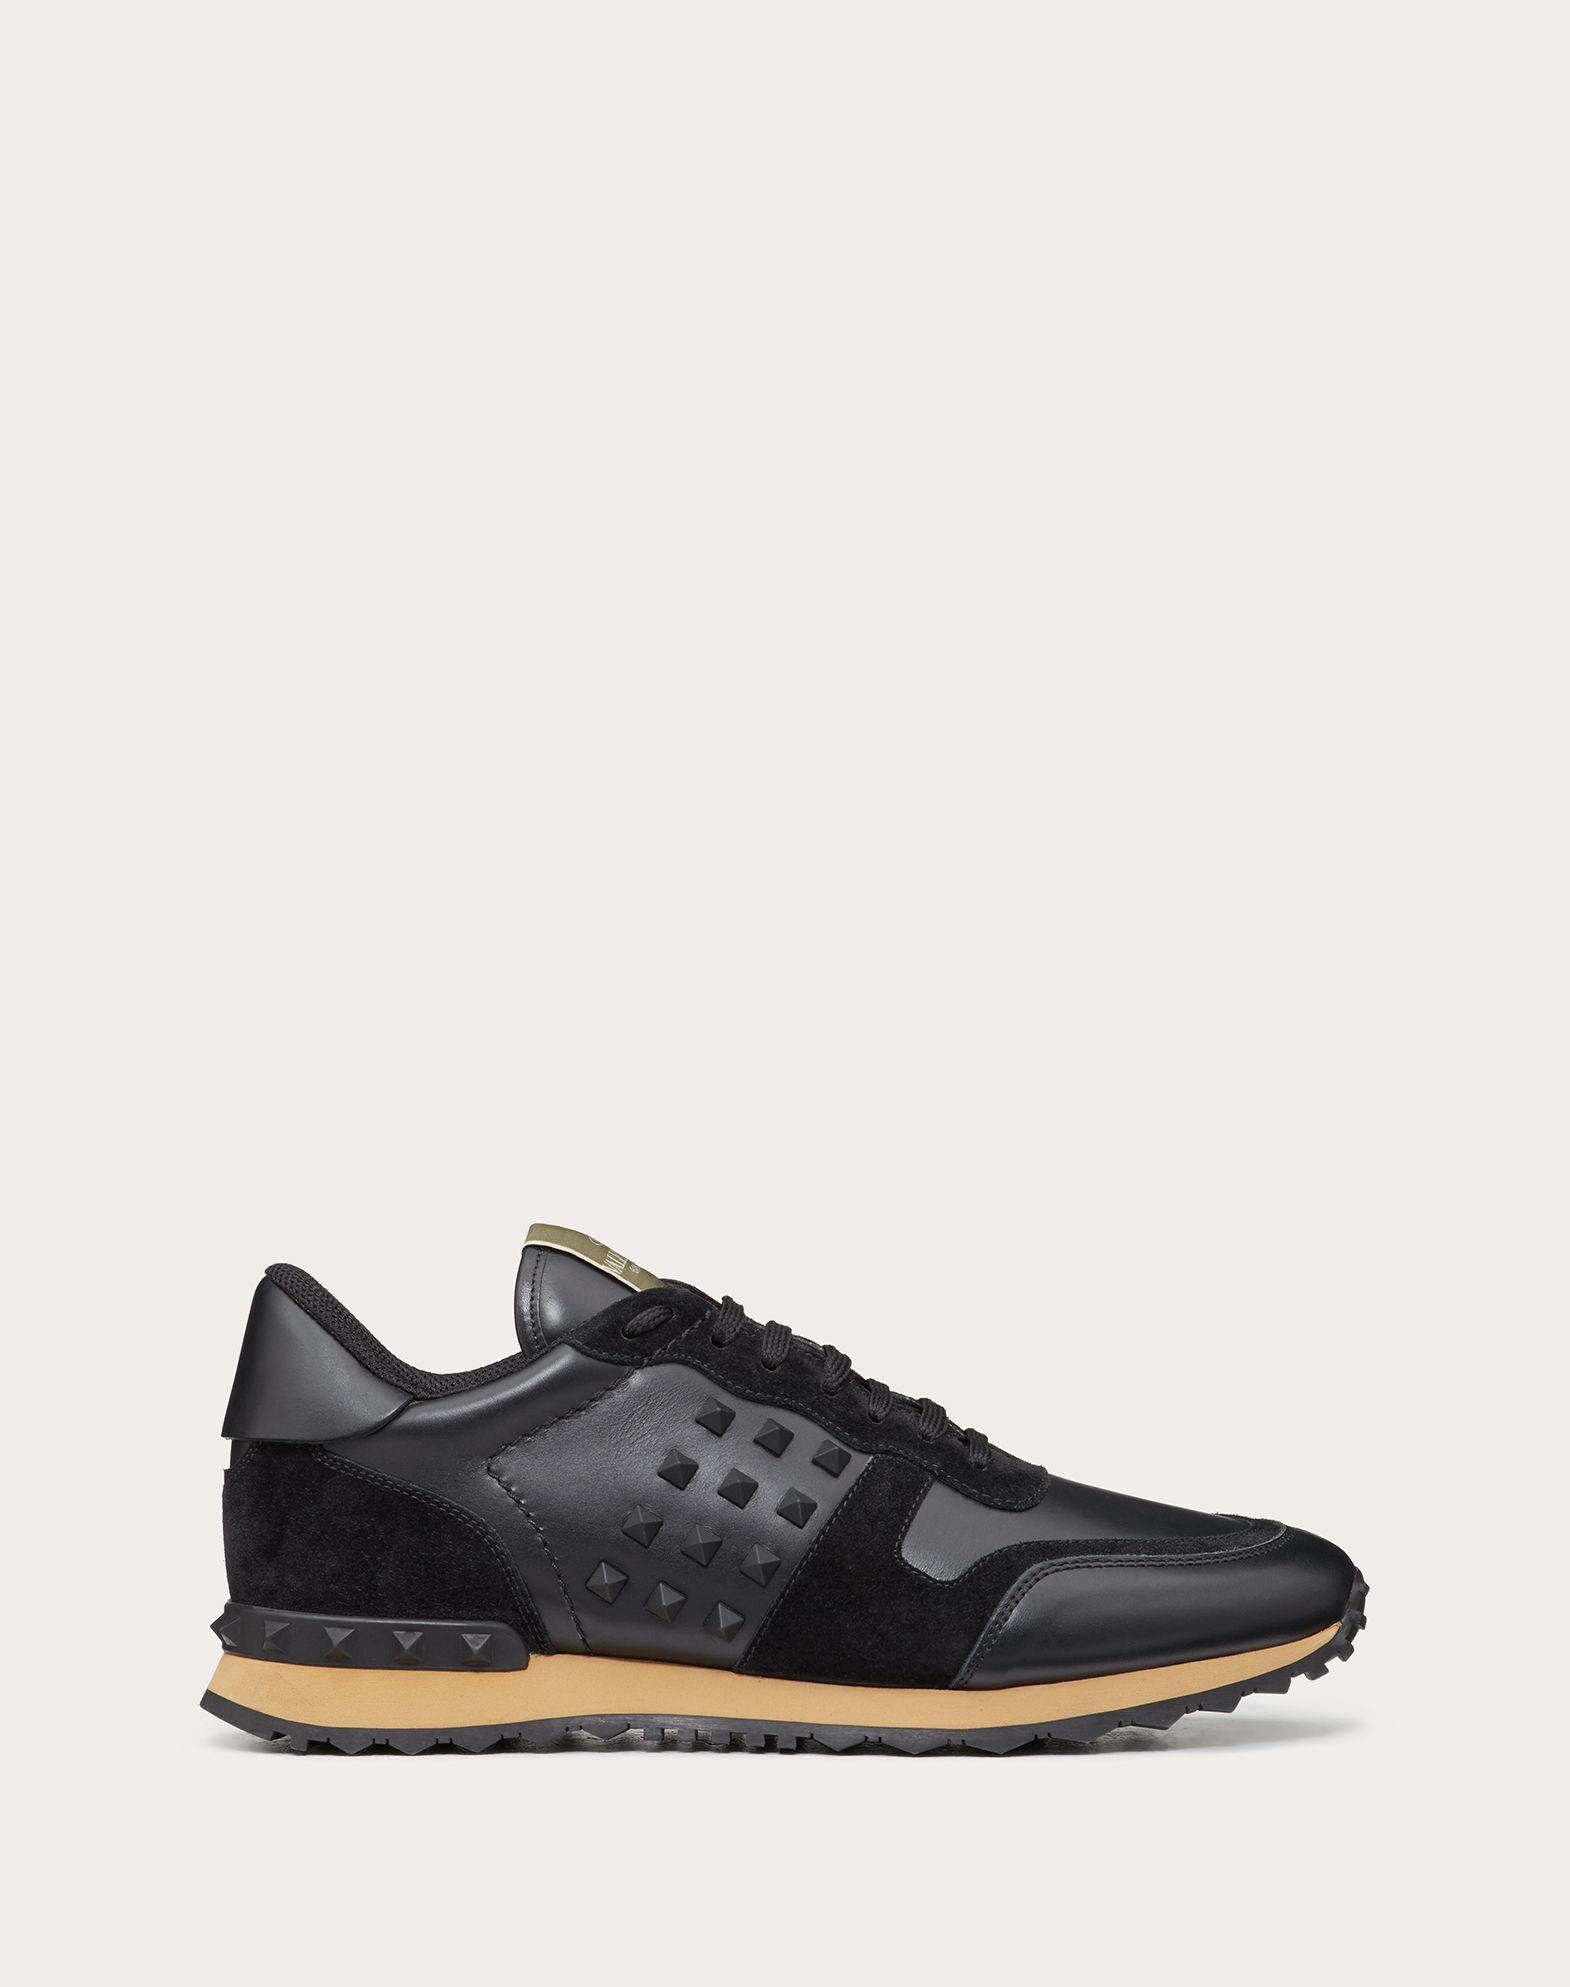 VALENTINO 磨面效果 单色 附品牌标志 圆头鞋头 系带 橡胶鞋底 铆钉  45351083pa